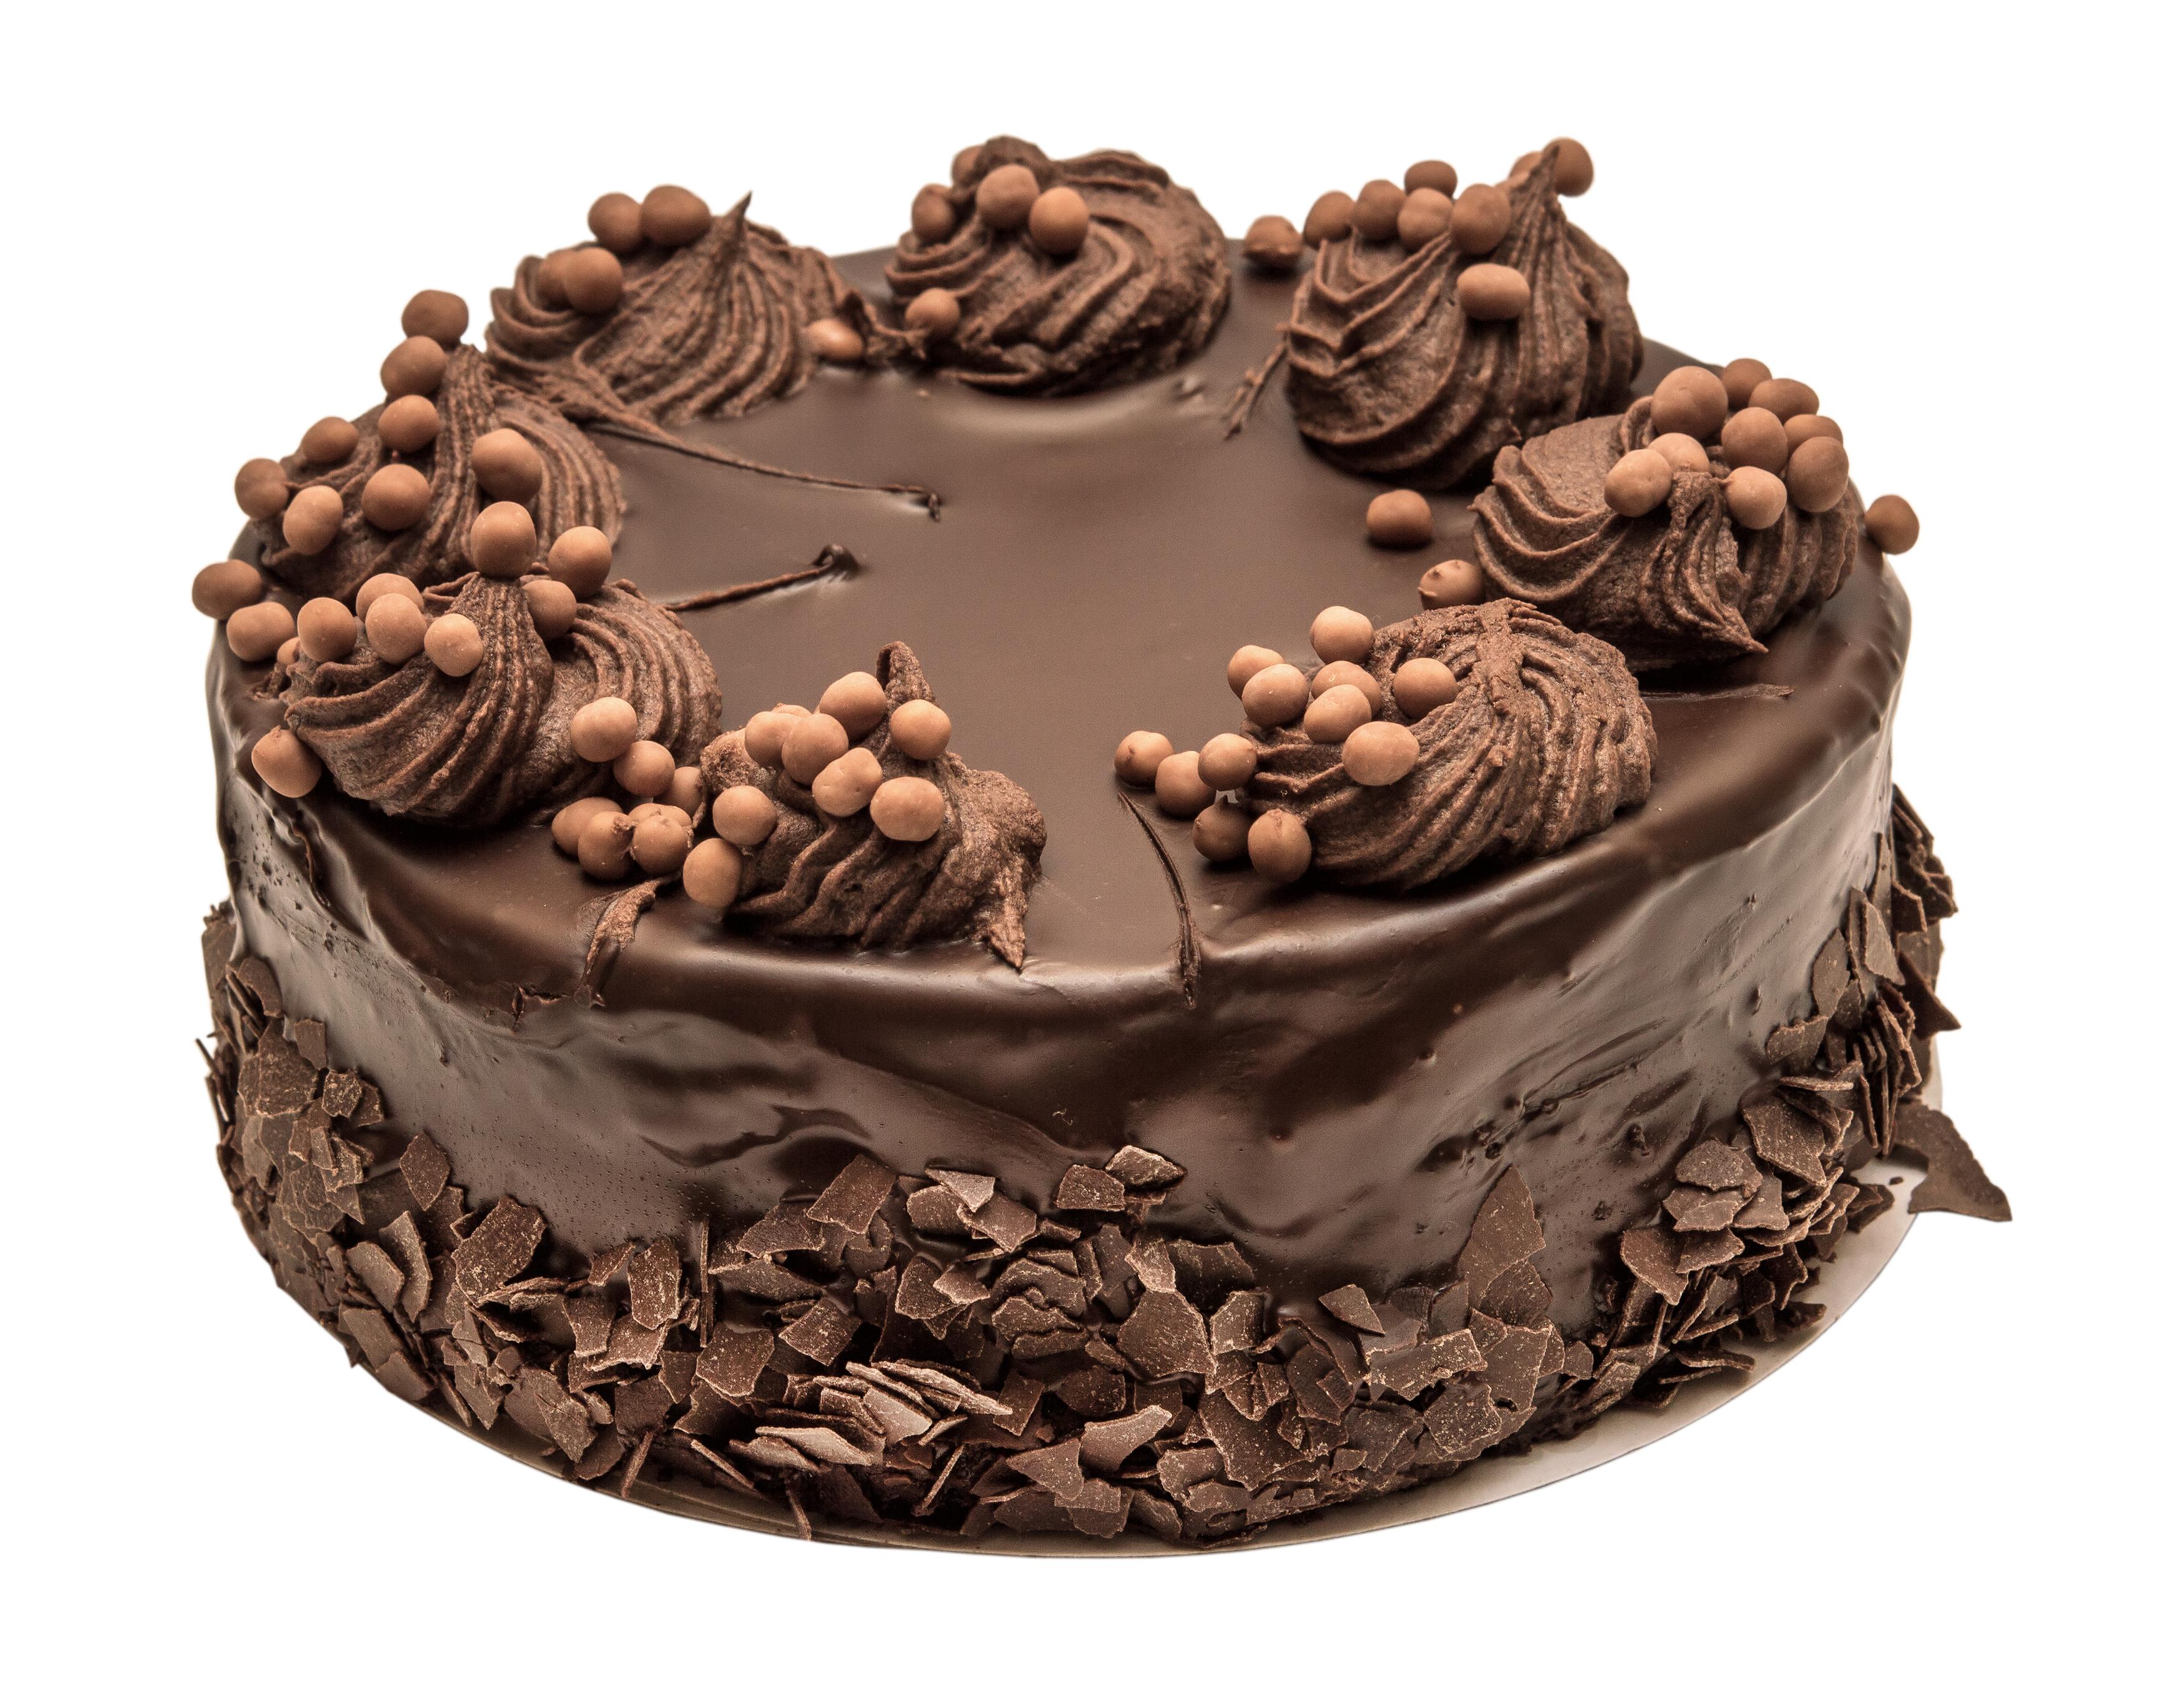 Обои Шоколад Торты Продукты питания Сладости белым фоном Дизайн 3500x2700 Еда Пища Белый фон белом фоне дизайна